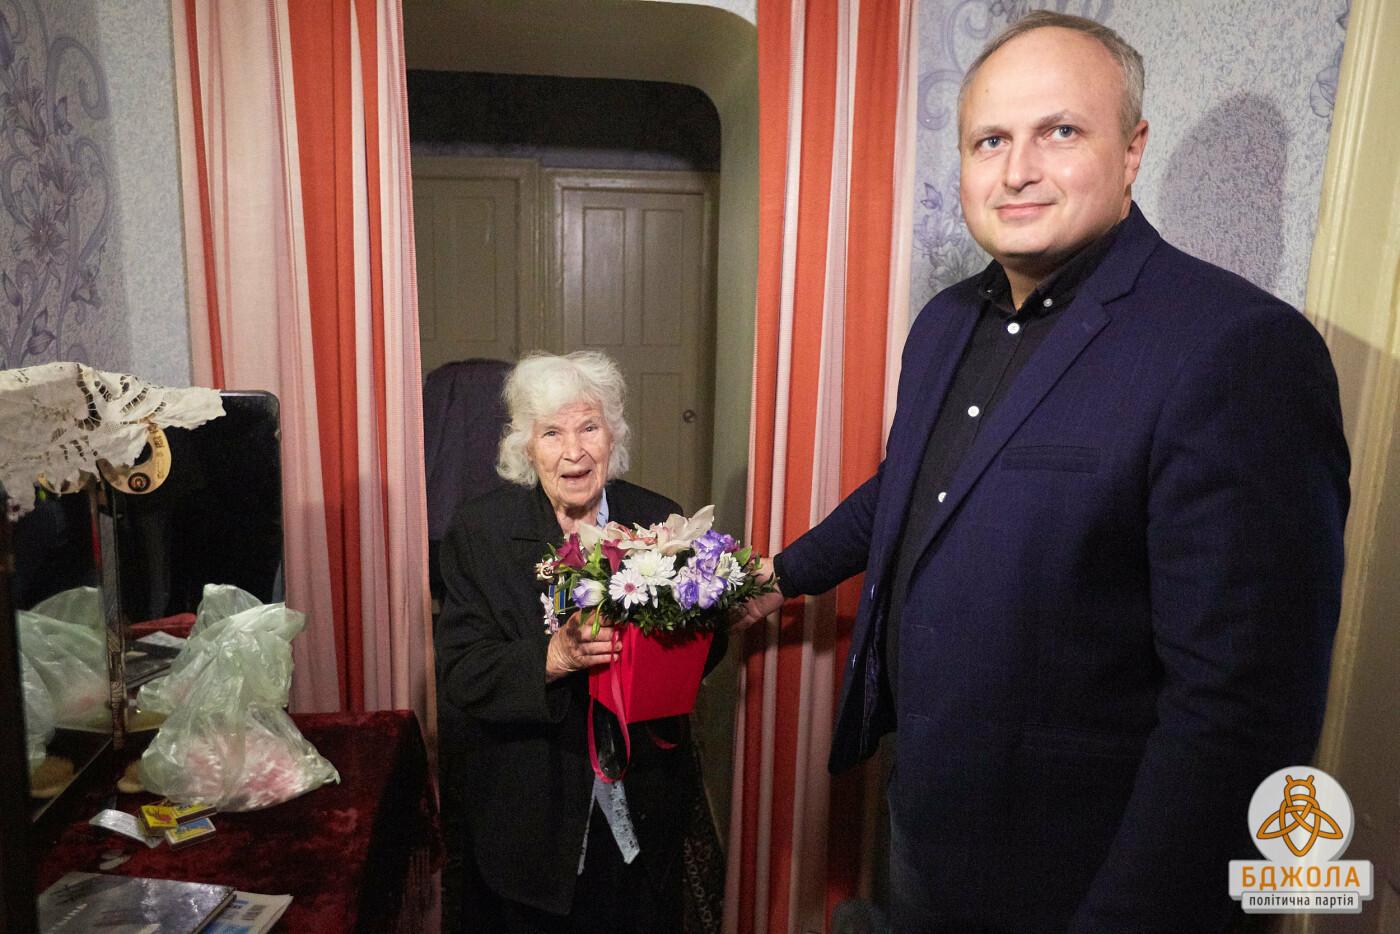 Партия «Бджола» поздравила ветеранов Каменского с 76-й годовщиной освобождения города, фото-1